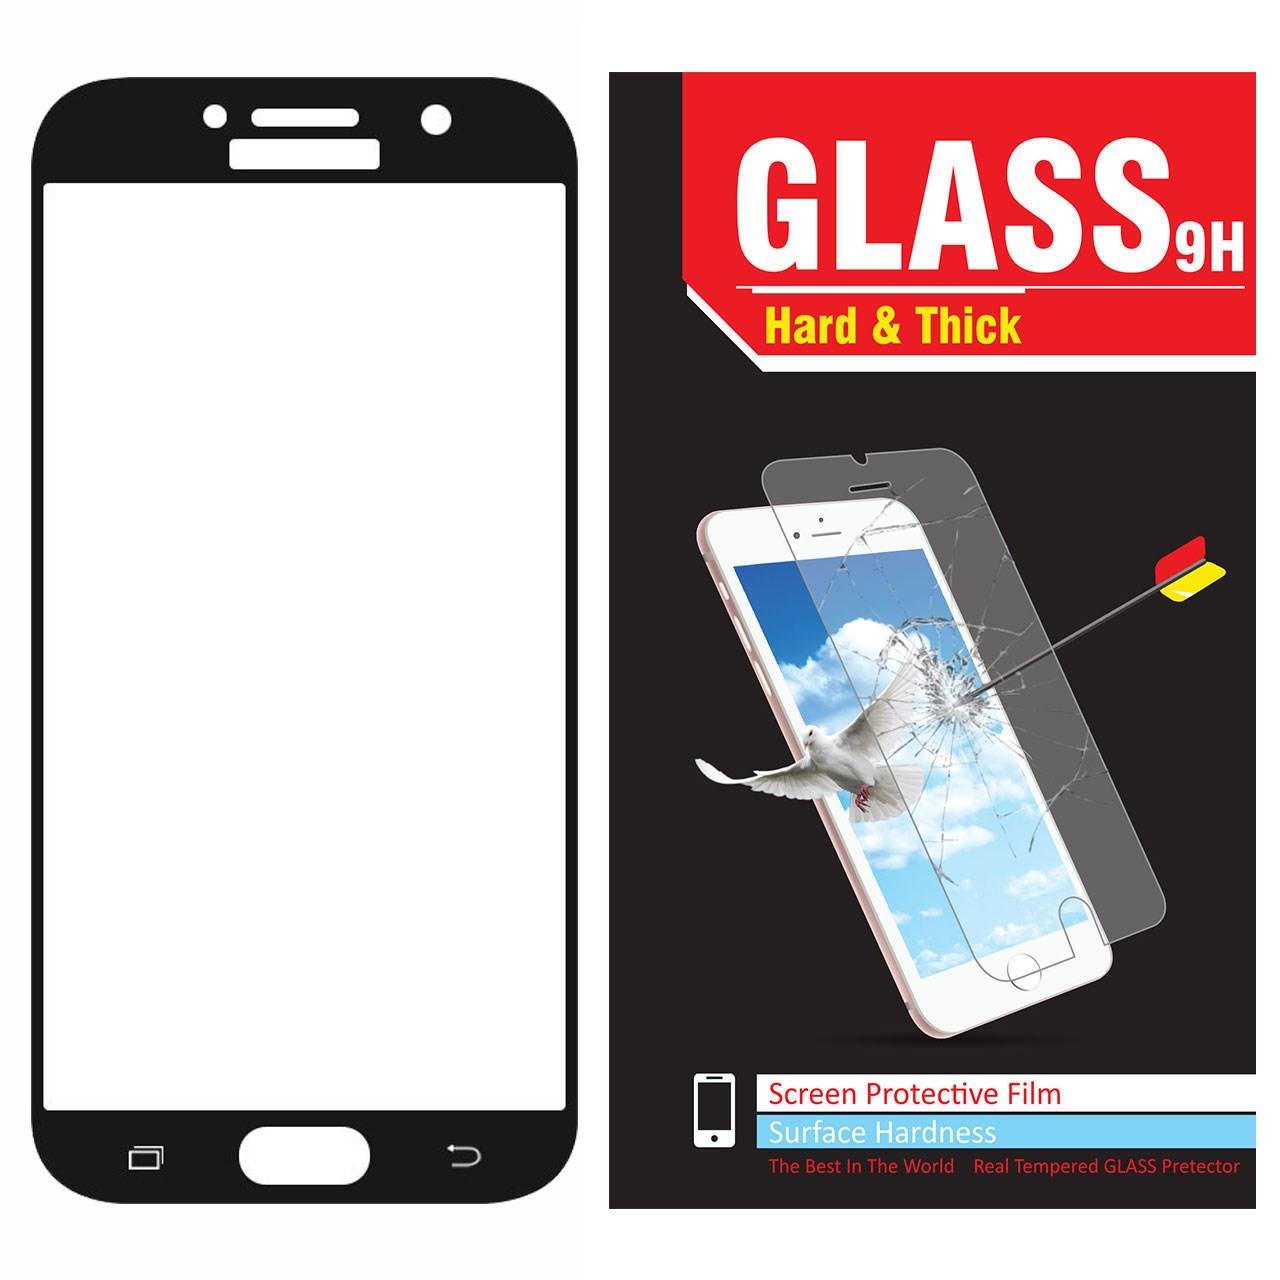 محافظ صفحه نمایش شیشه ای مدل Hard and thick  فول چسب مناسب برای گوشی موبایل سامسونگ A720/A7 2017